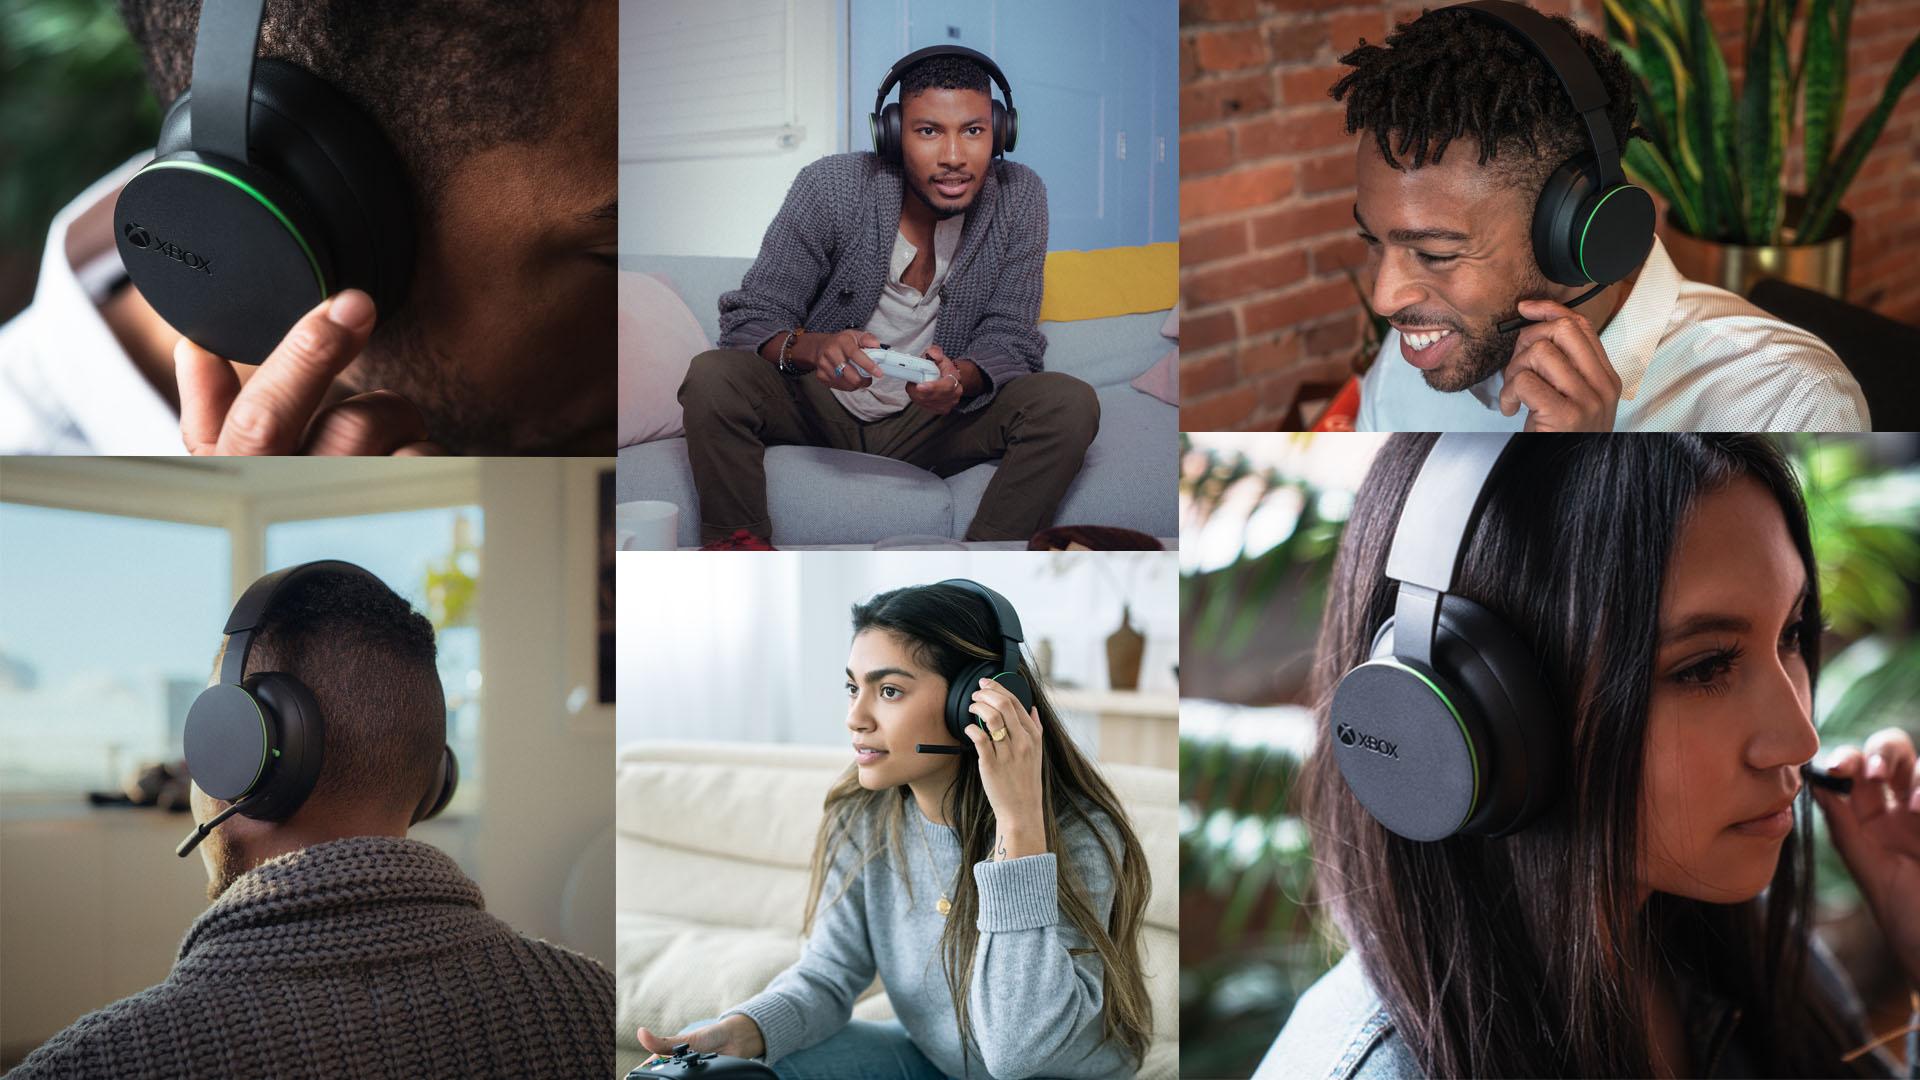 Microsoft ra mắt tai nghe over-ear không dây Xbox Wireless Headset, giá chỉ 99 USD - Ảnh 2.